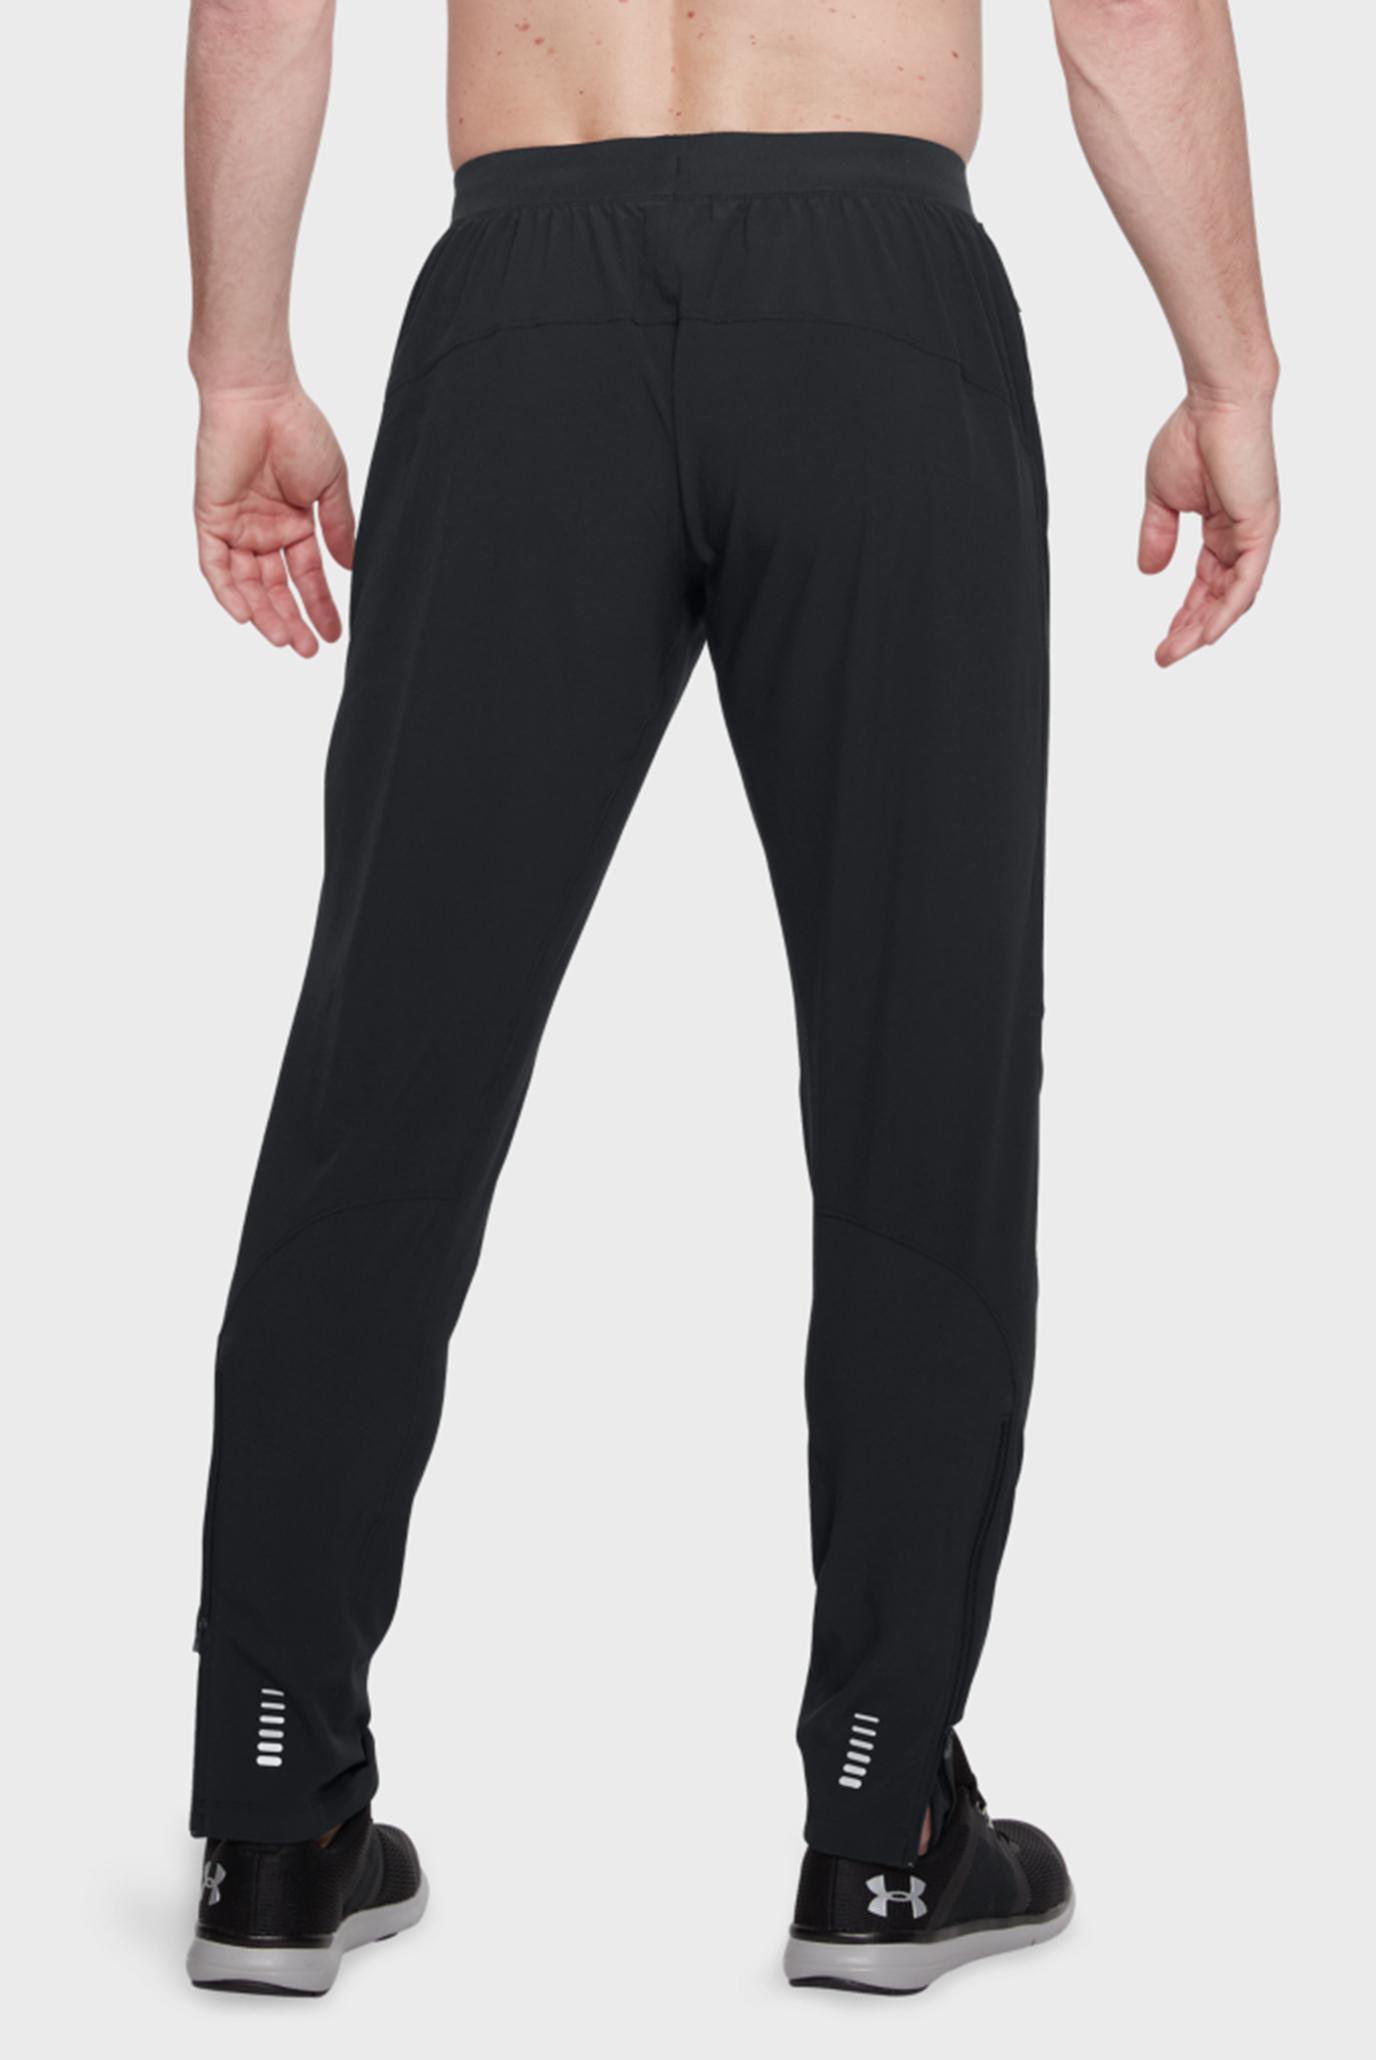 Купить Мужские спортивные брюки  OUTRUN THE STORM SP PANT Under Armour Under Armour 1305203-001 – Киев, Украина. Цены в интернет магазине MD Fashion